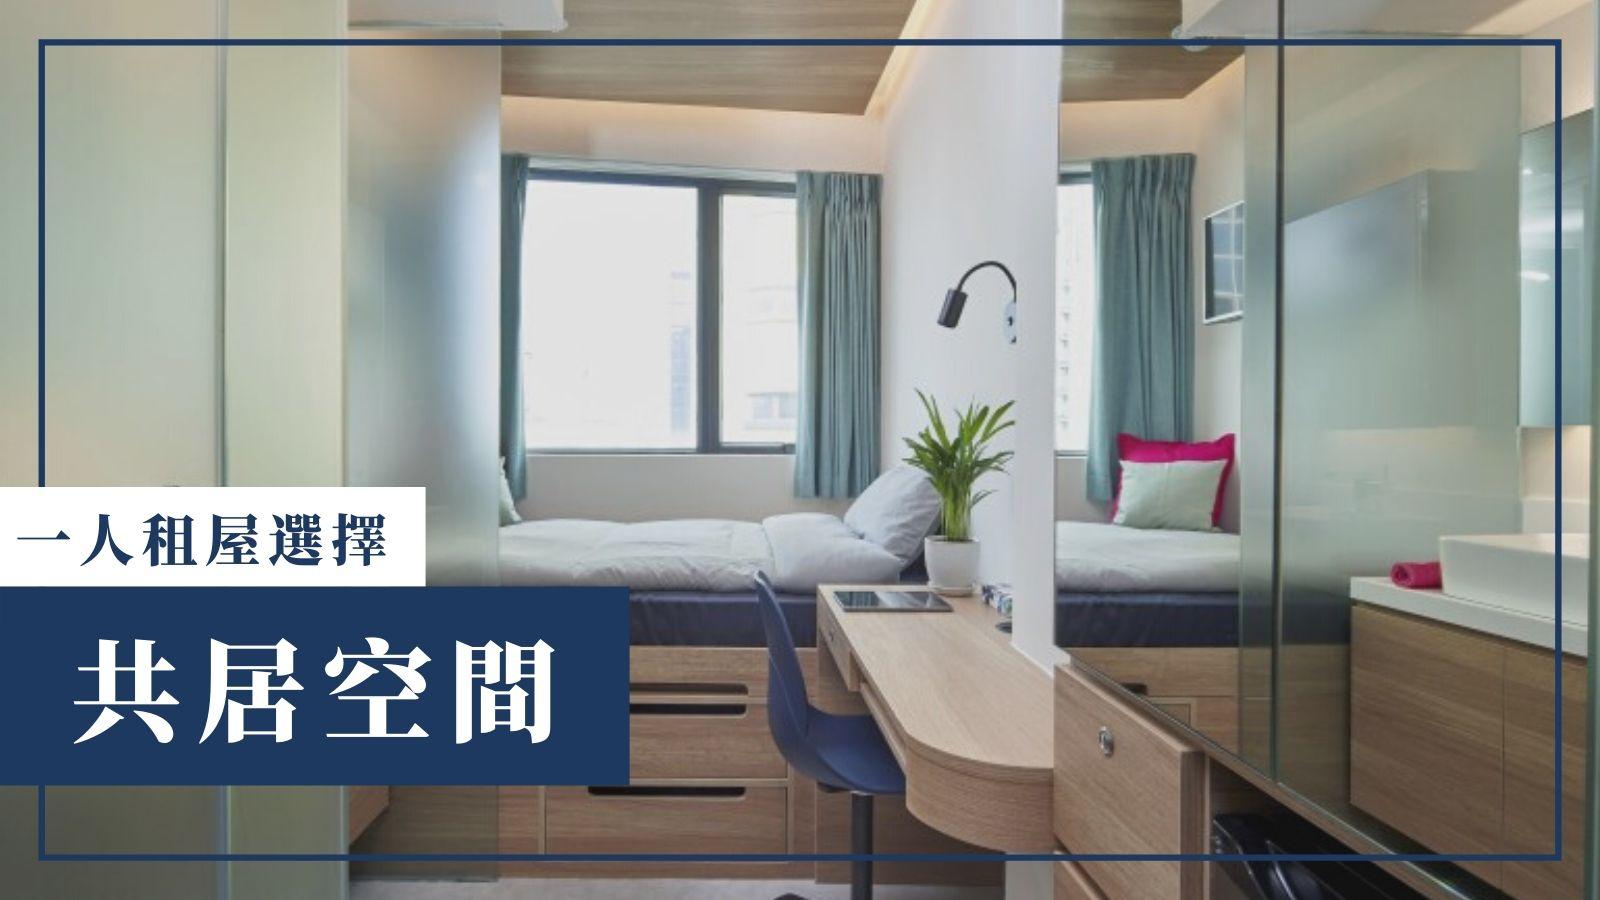 一人租屋選擇-共居空間